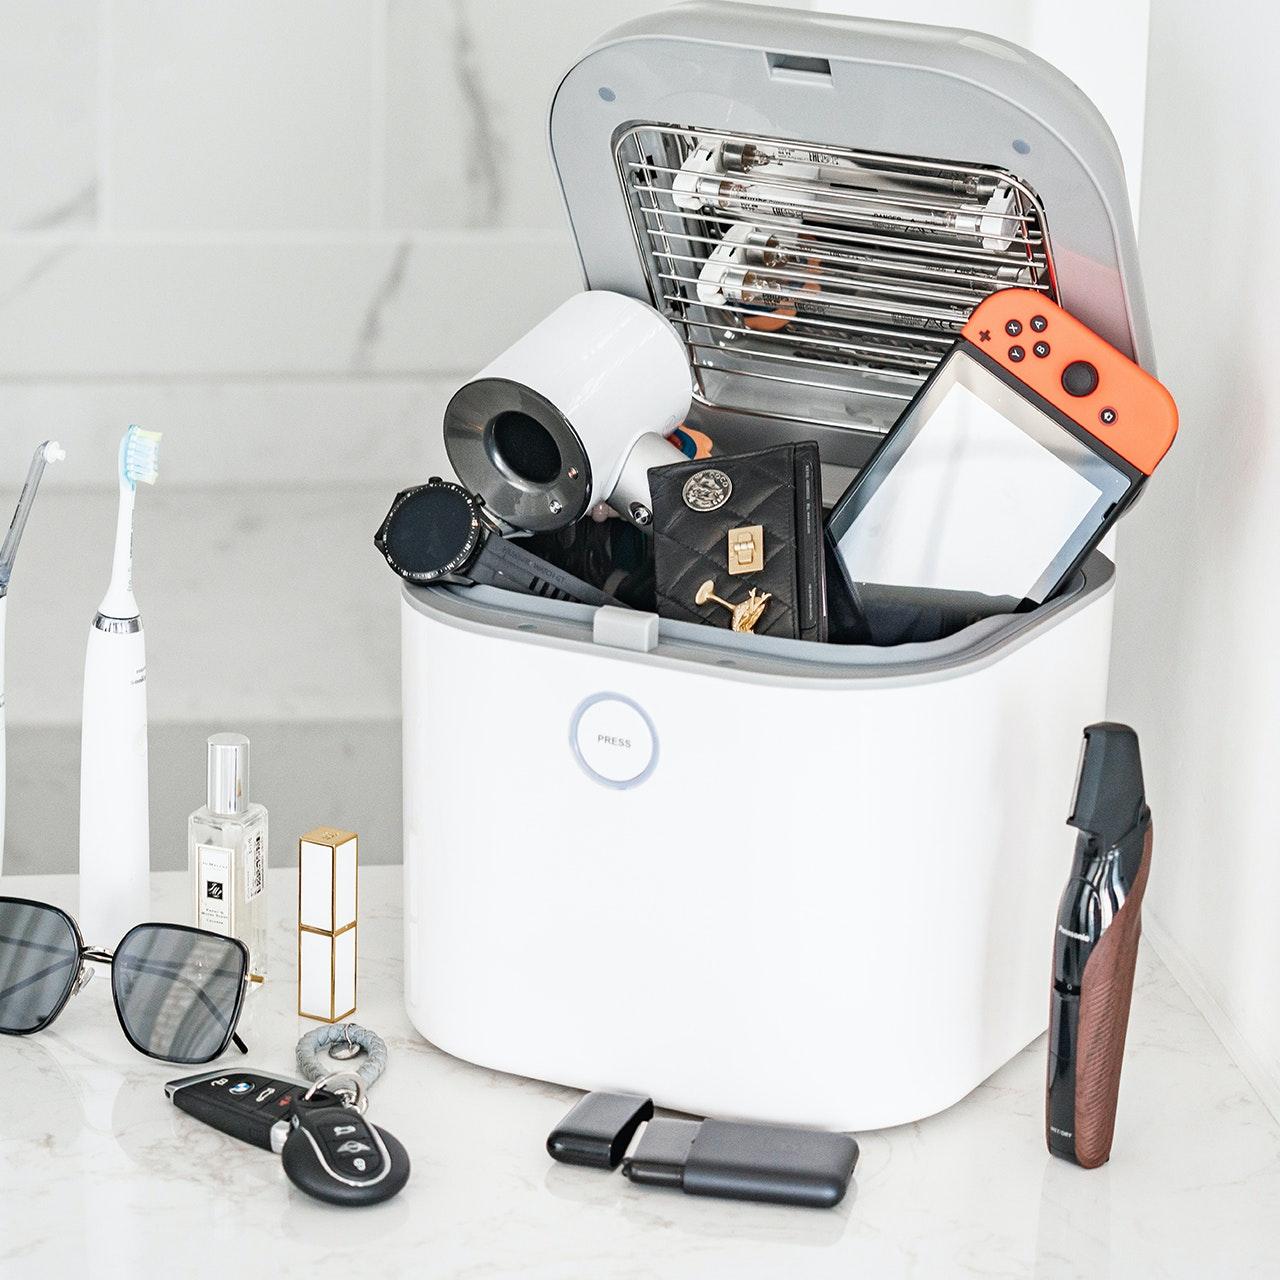 Coral UV® 3-in-1 at Home Sanitizer